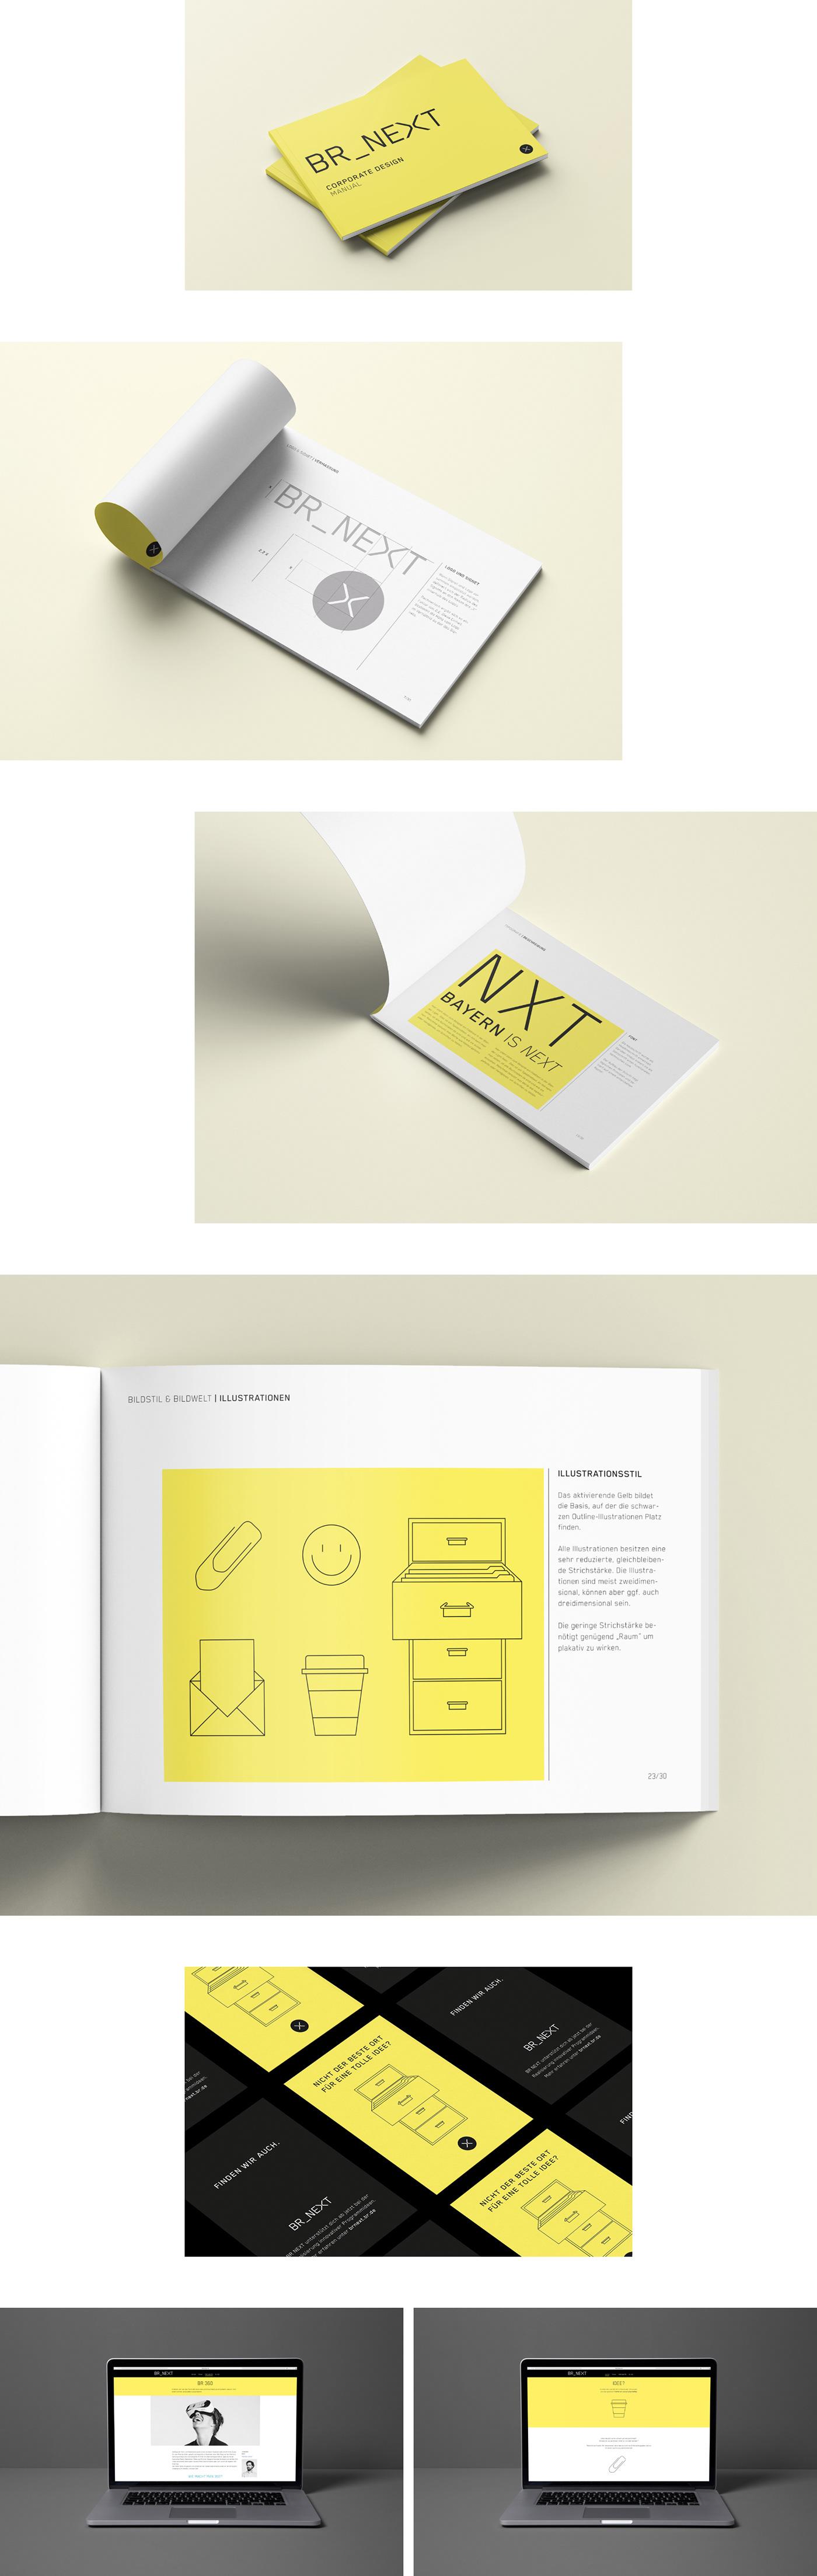 logo logodesign design Screendesign bayerischer rundfunk br Layout print München munich germany german